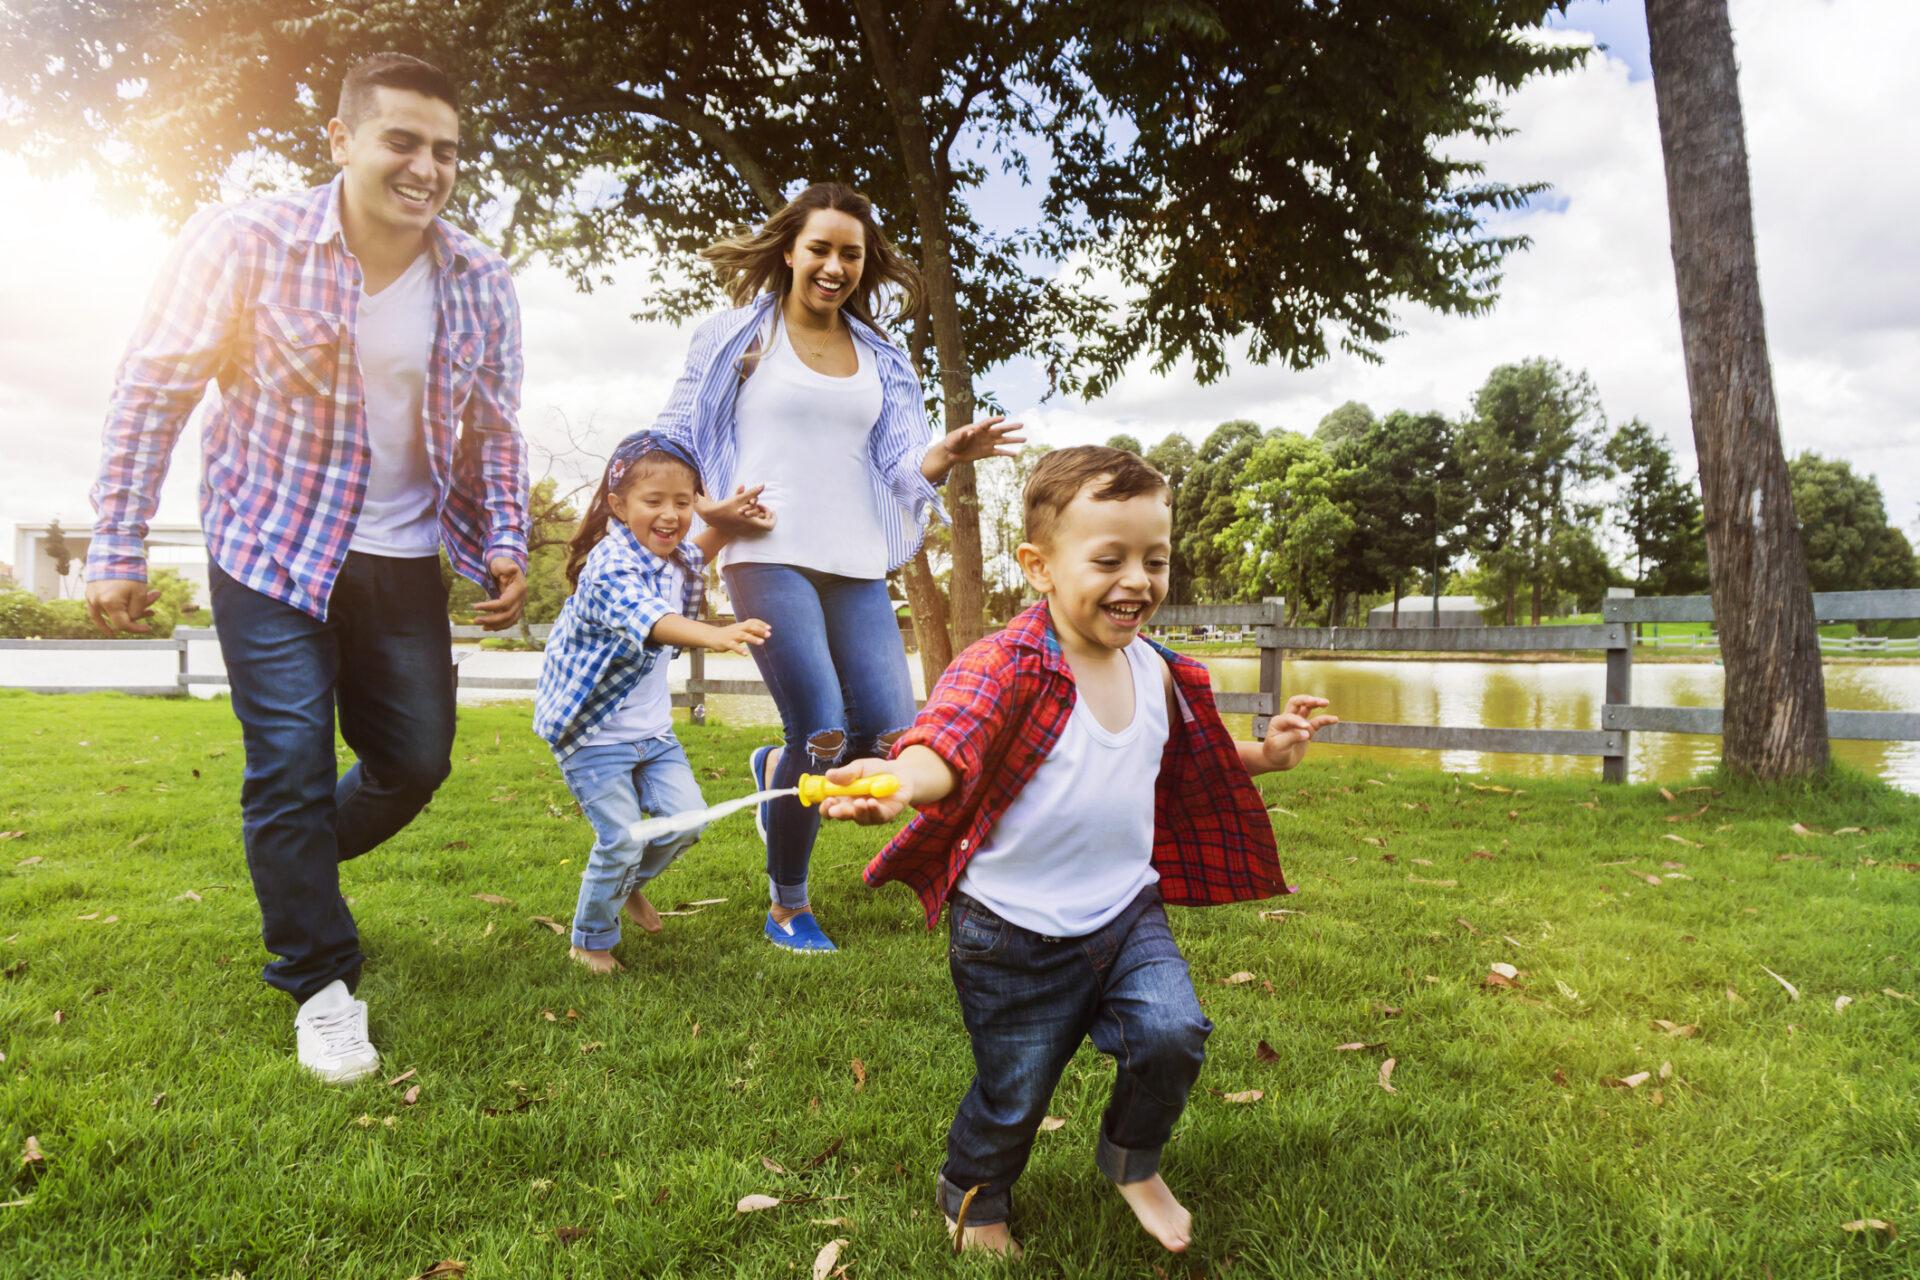 Happy family running around the park